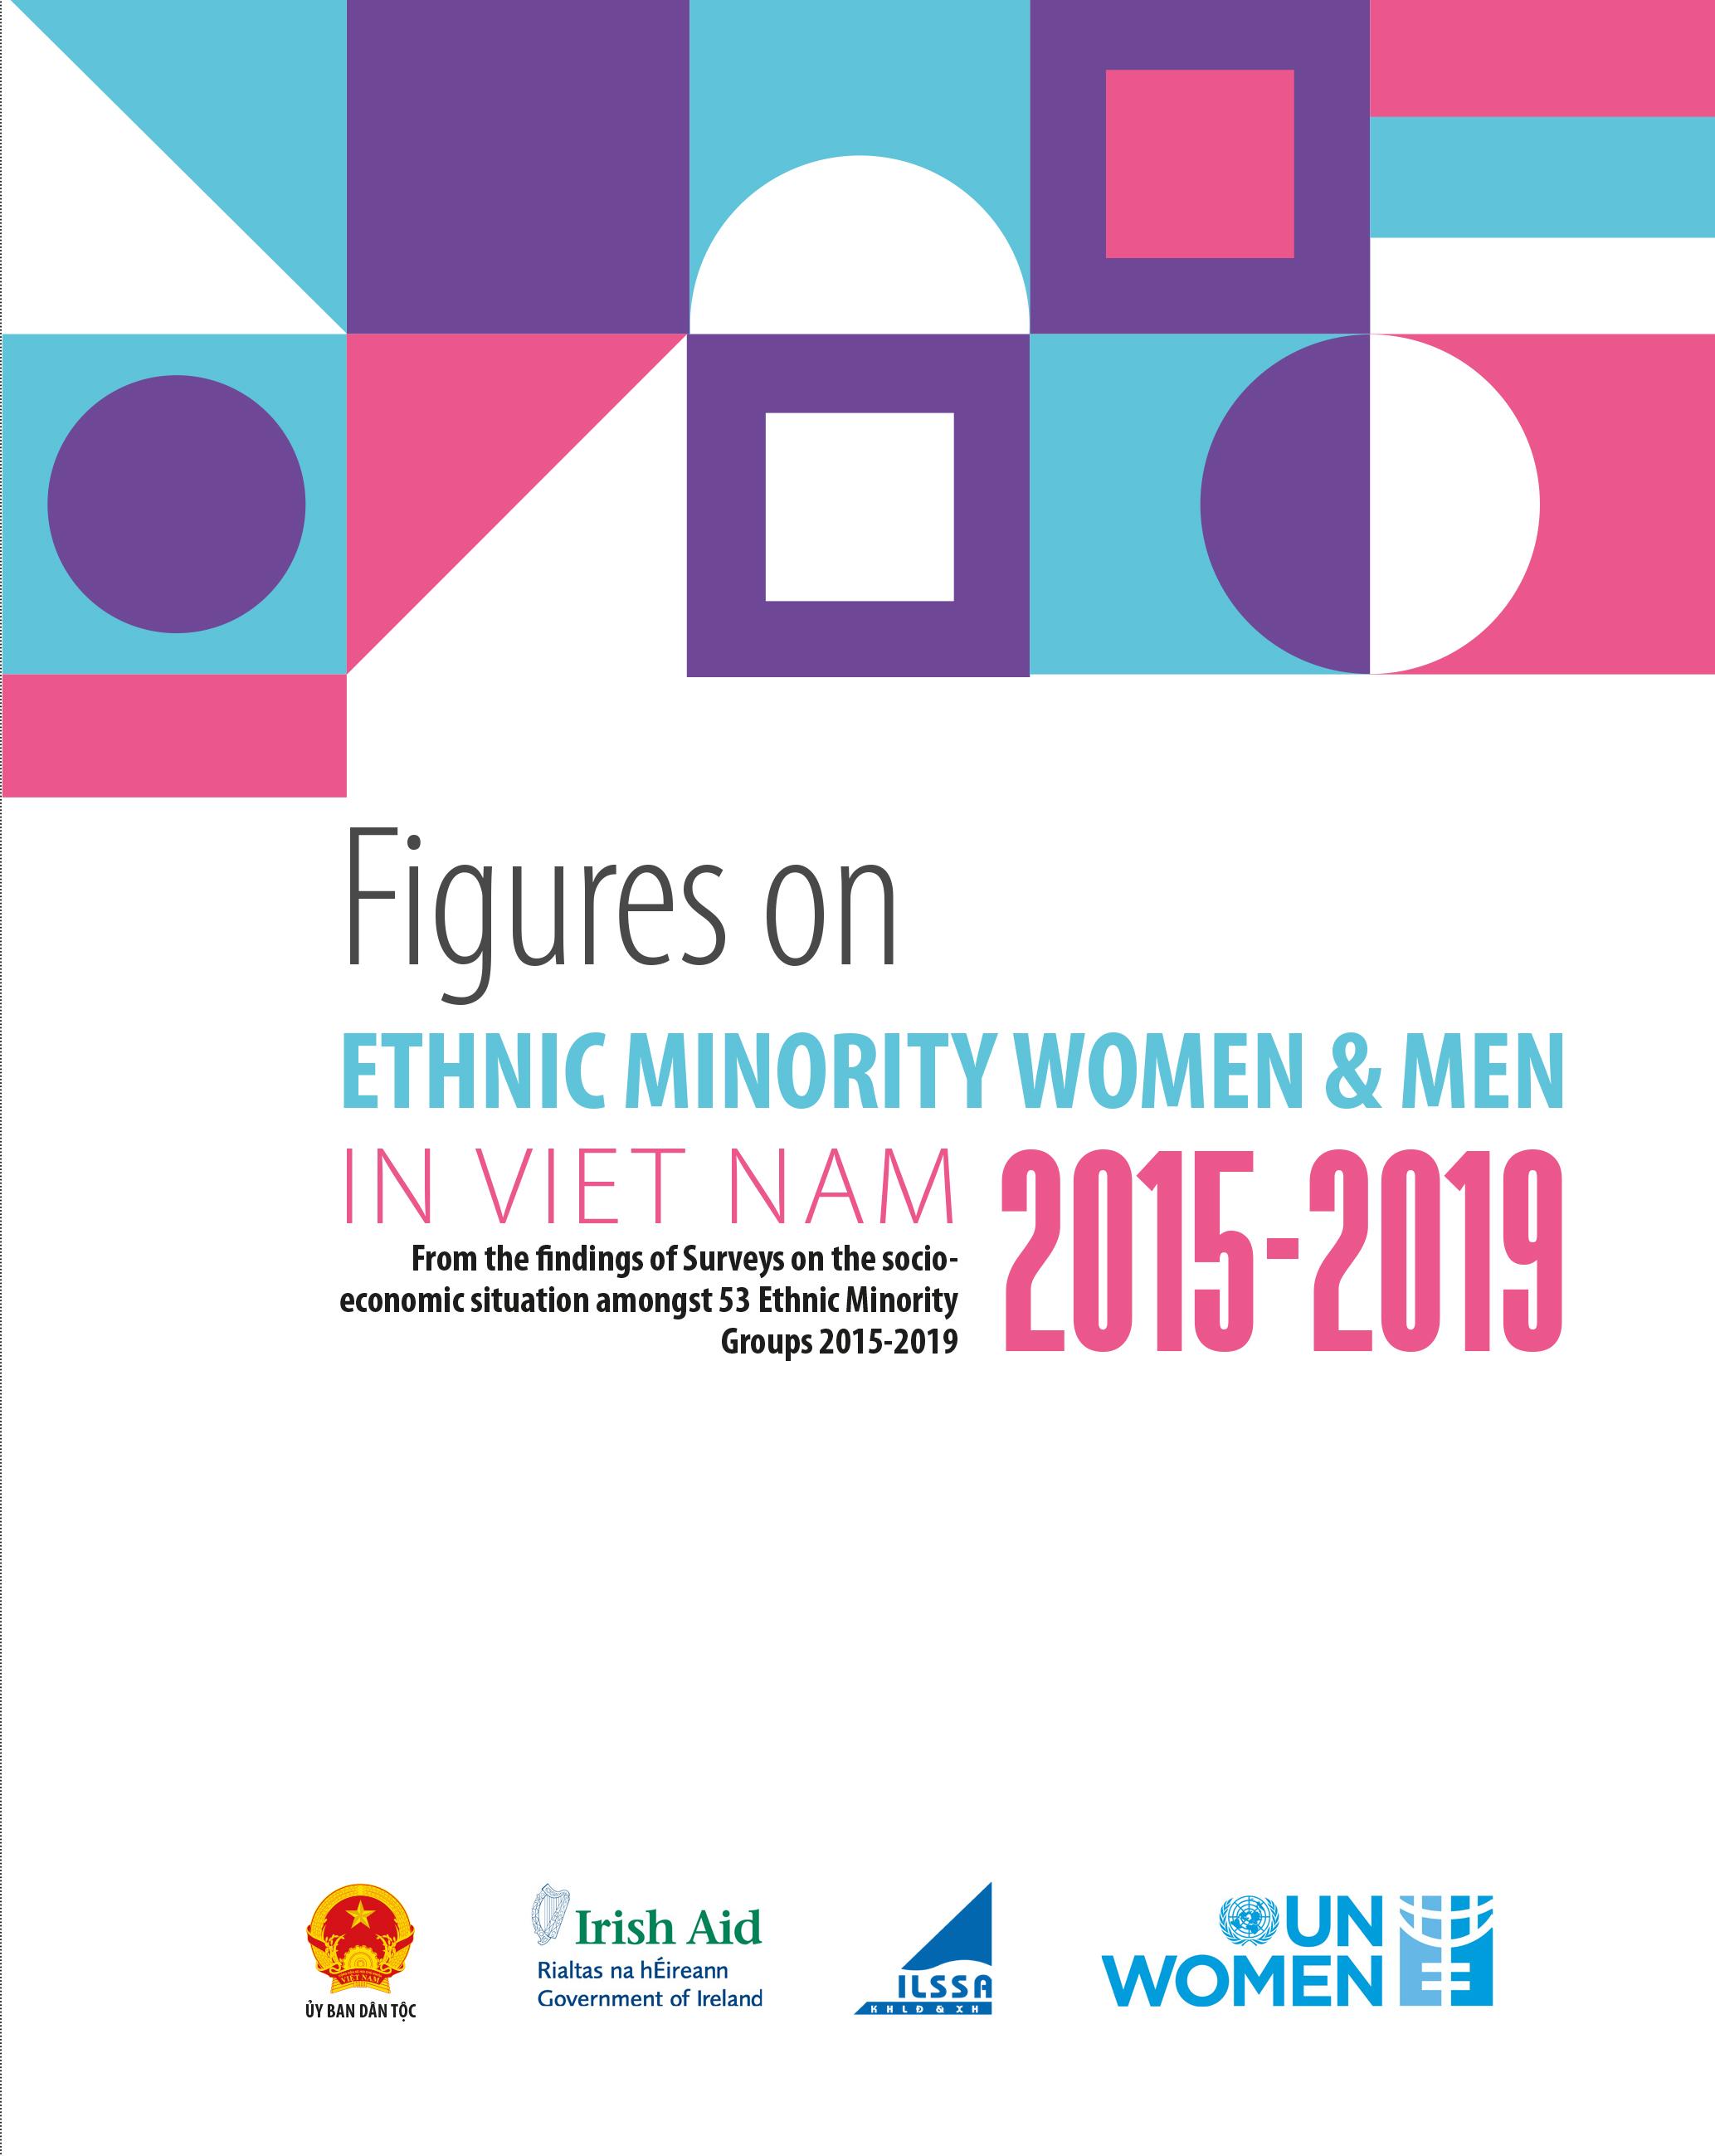 THE REPORT FIGURES ON ETHNIC MINORITY WOMEN AND MEN IN VIET NAM 2015-2019